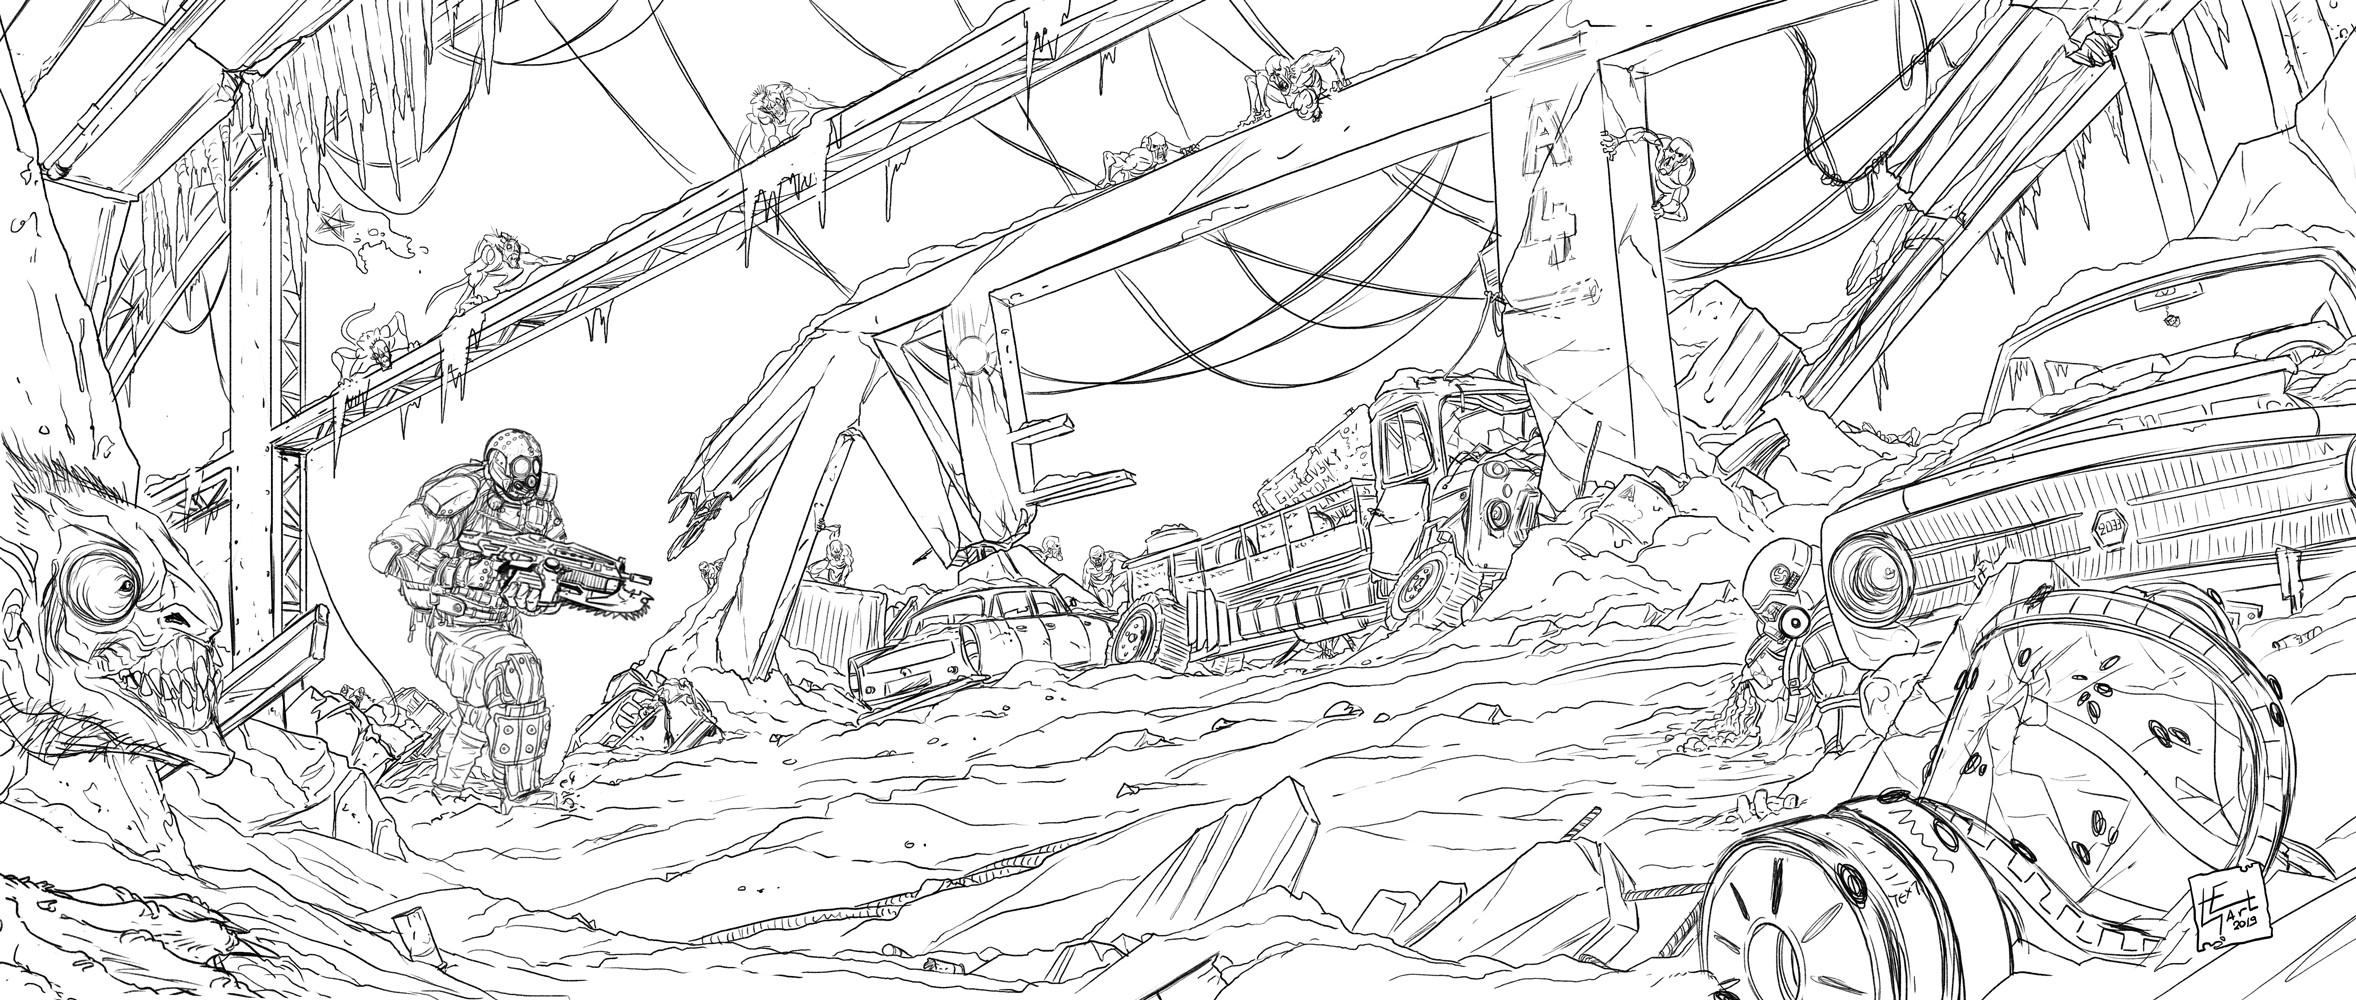 Pencils - Sketch